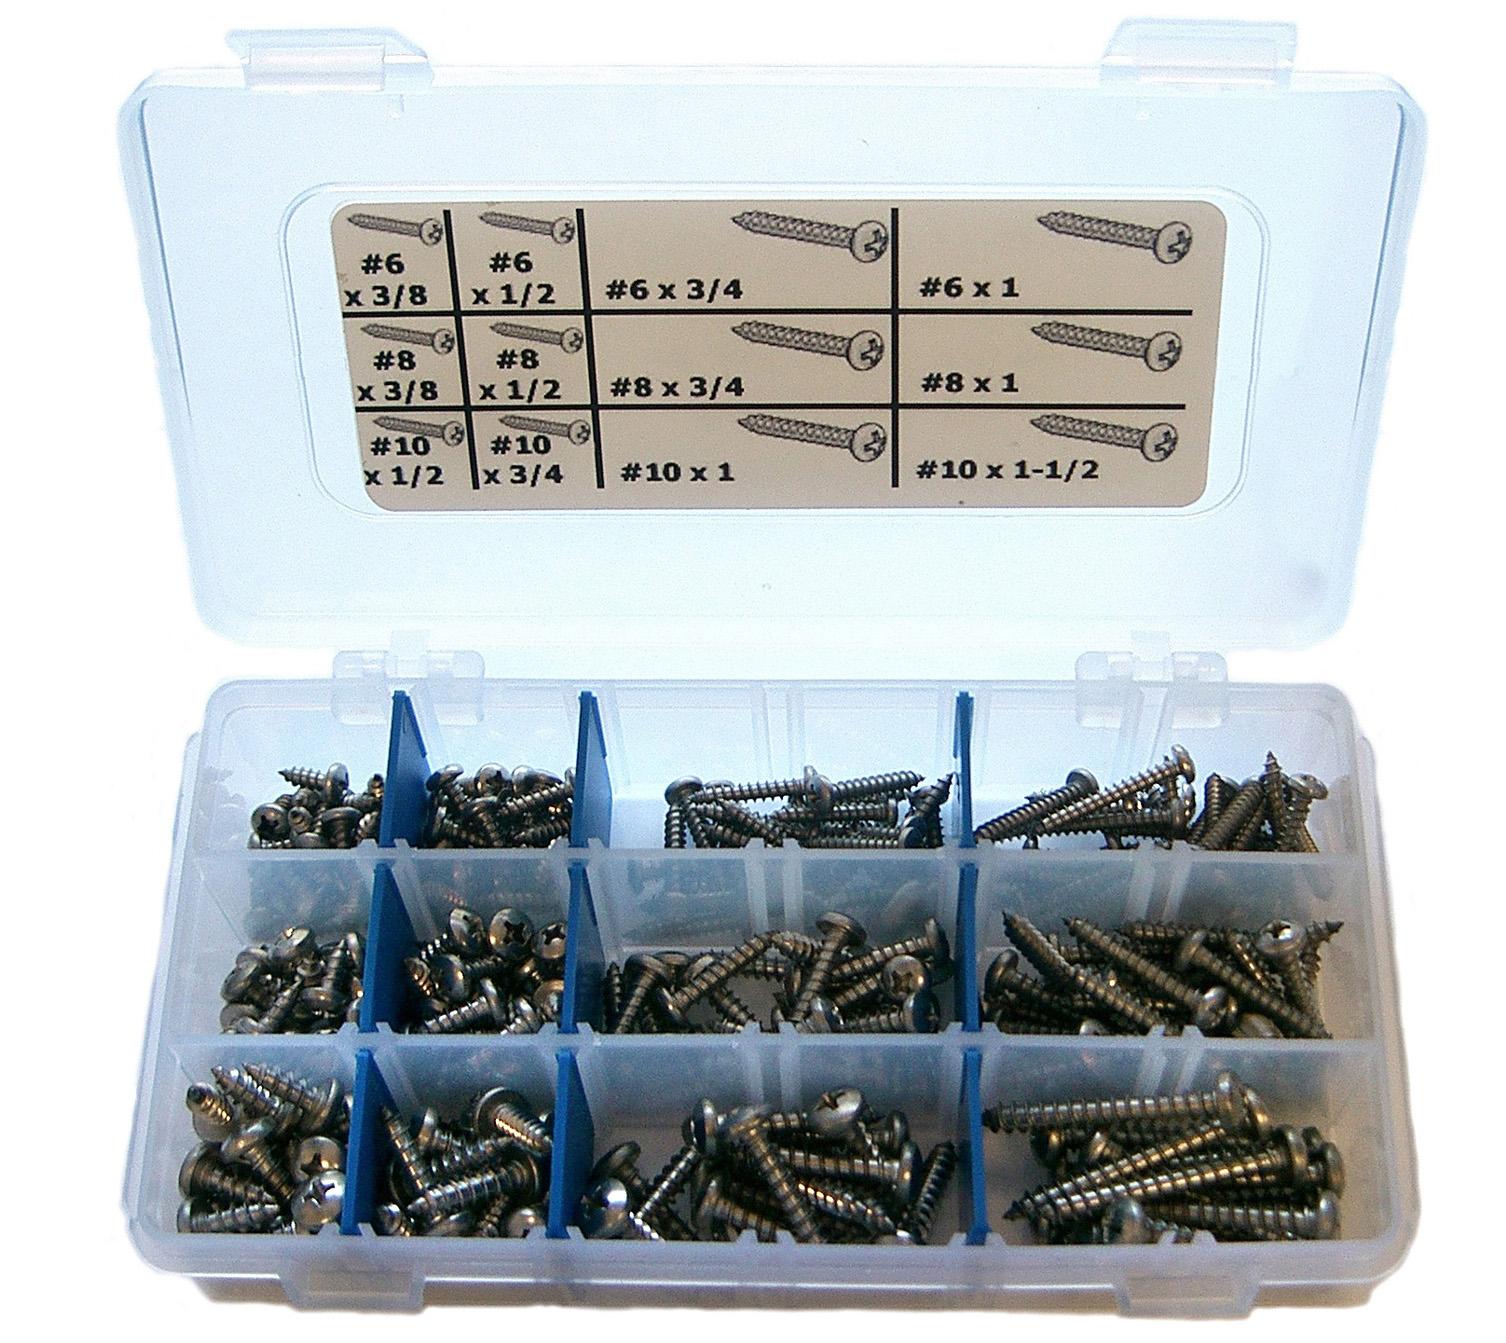 stainless sheet metal phillip pan kits